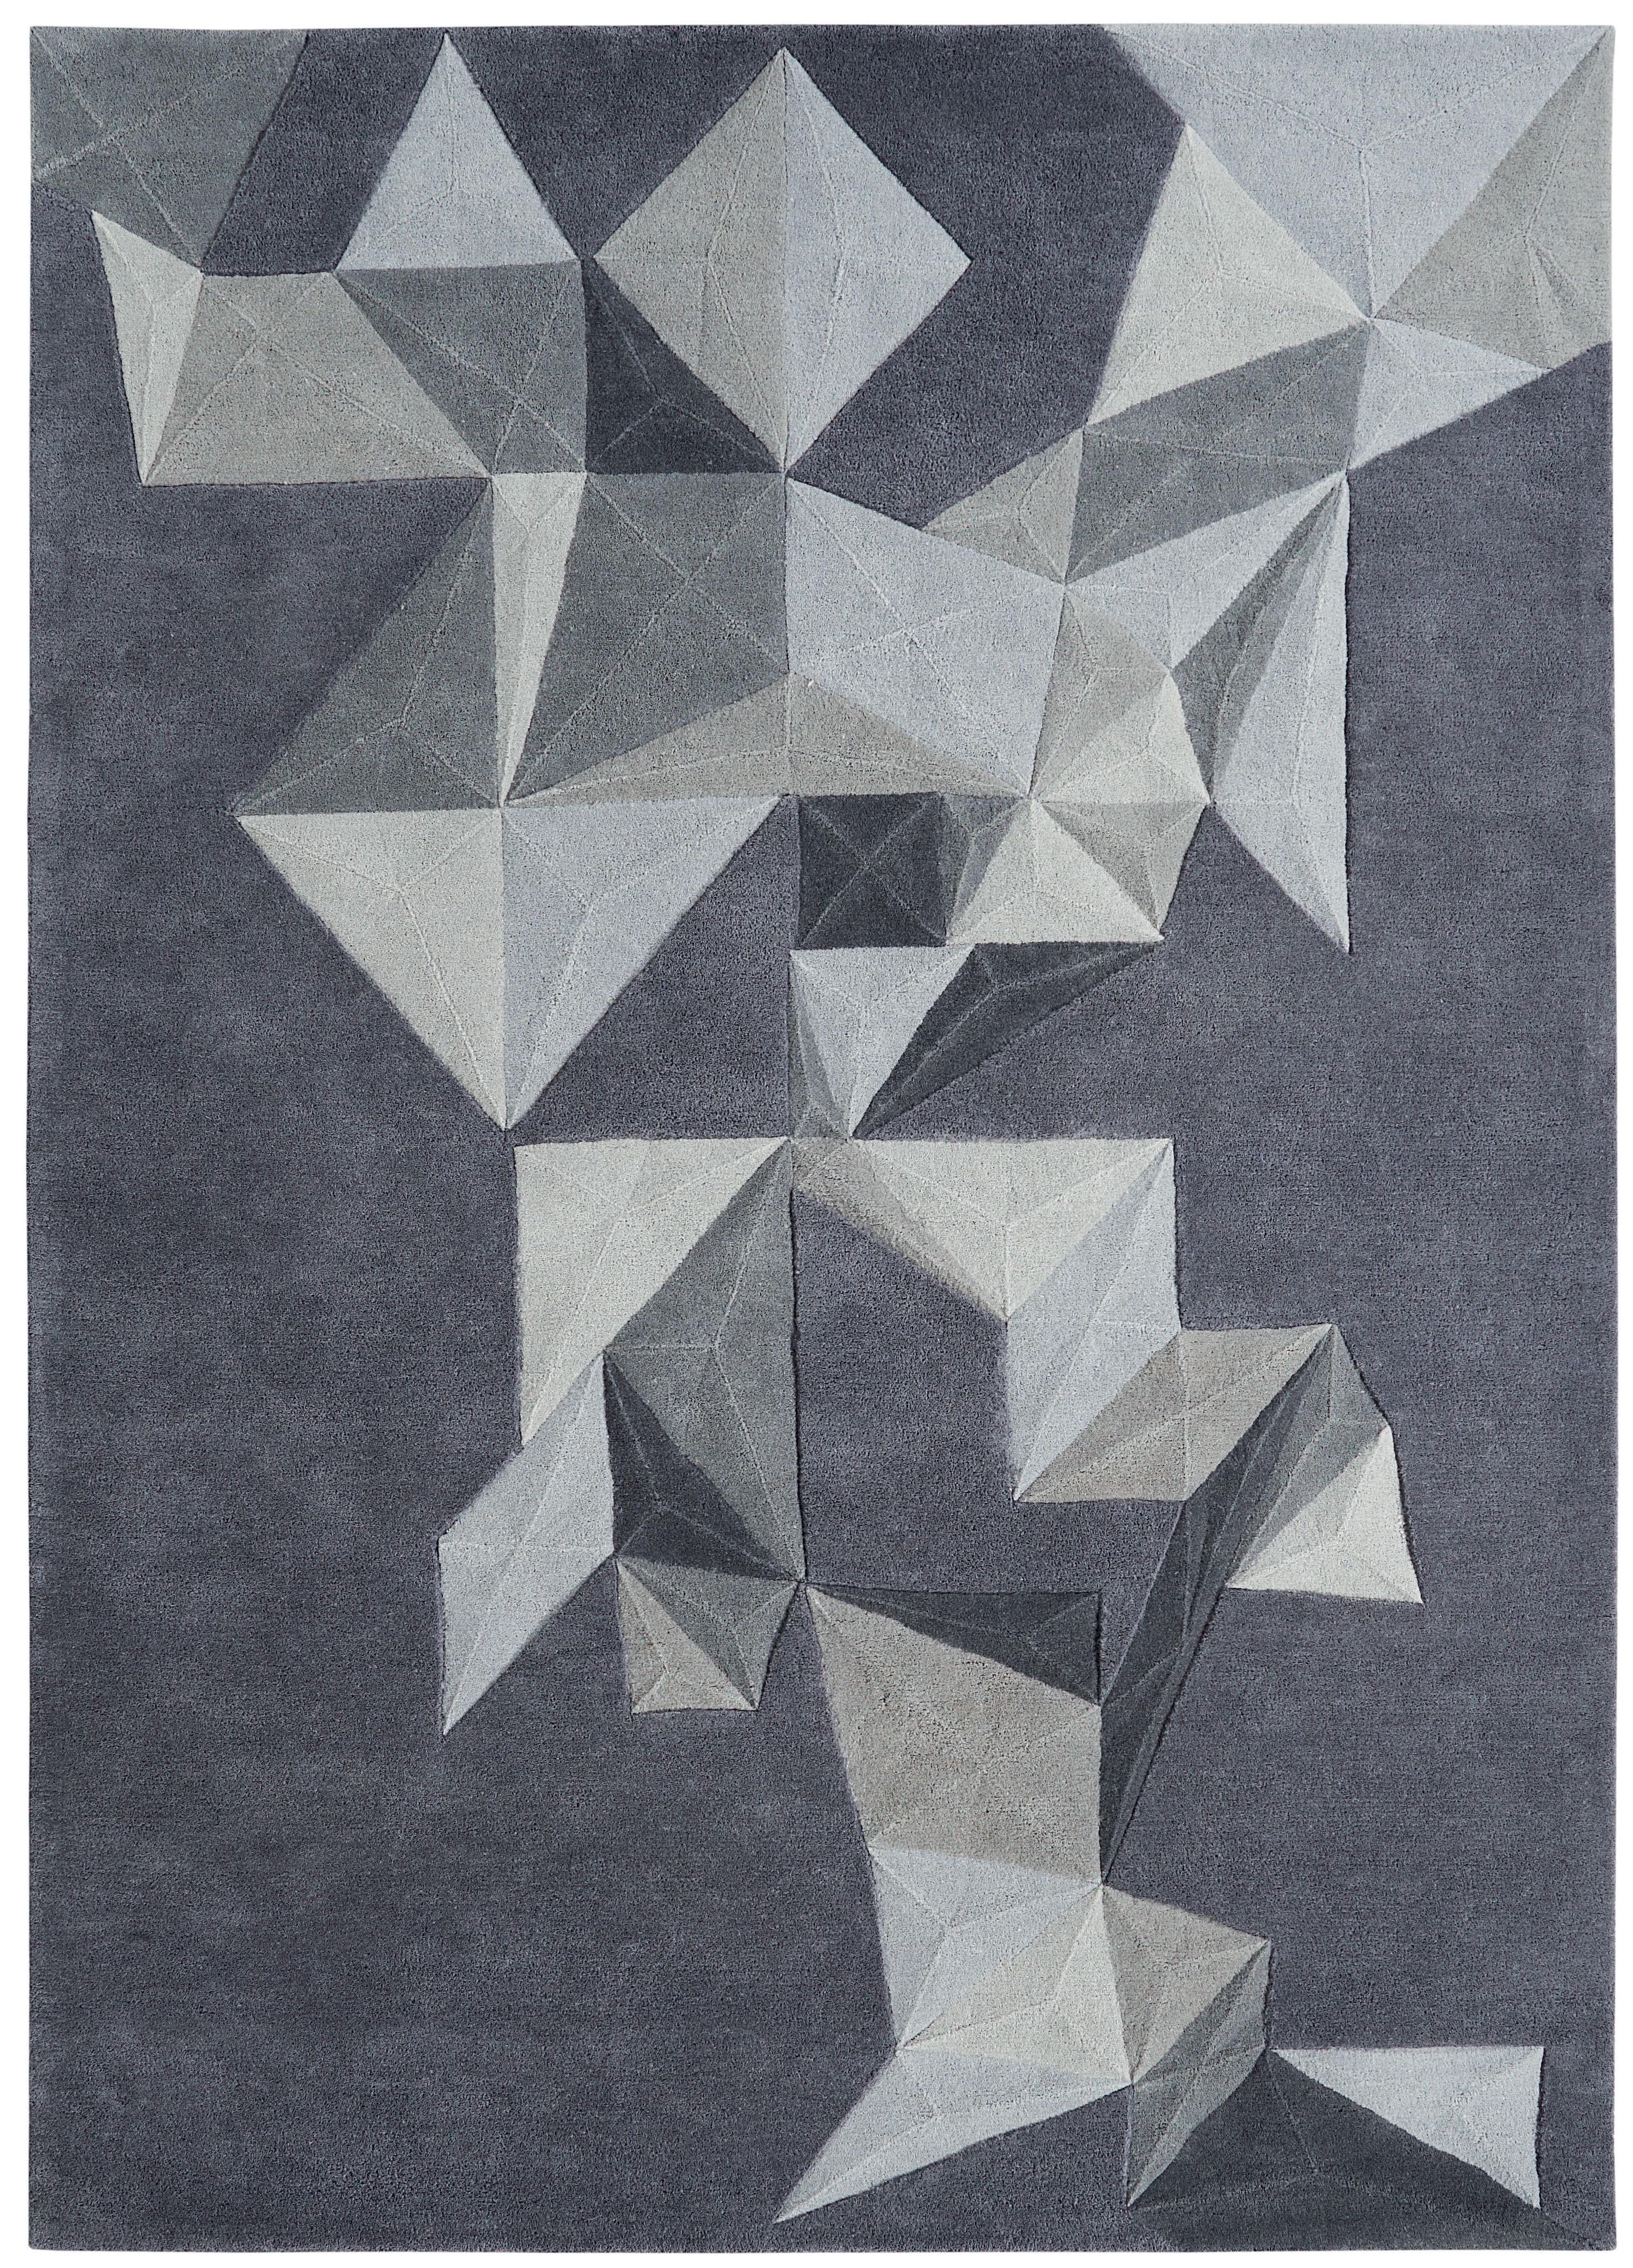 Déco - Tapis - Tapis Pliages by Daniel Hechter / 170 x 240 cm - Tufté main - Toulemonde Bochart - Gris - Laine